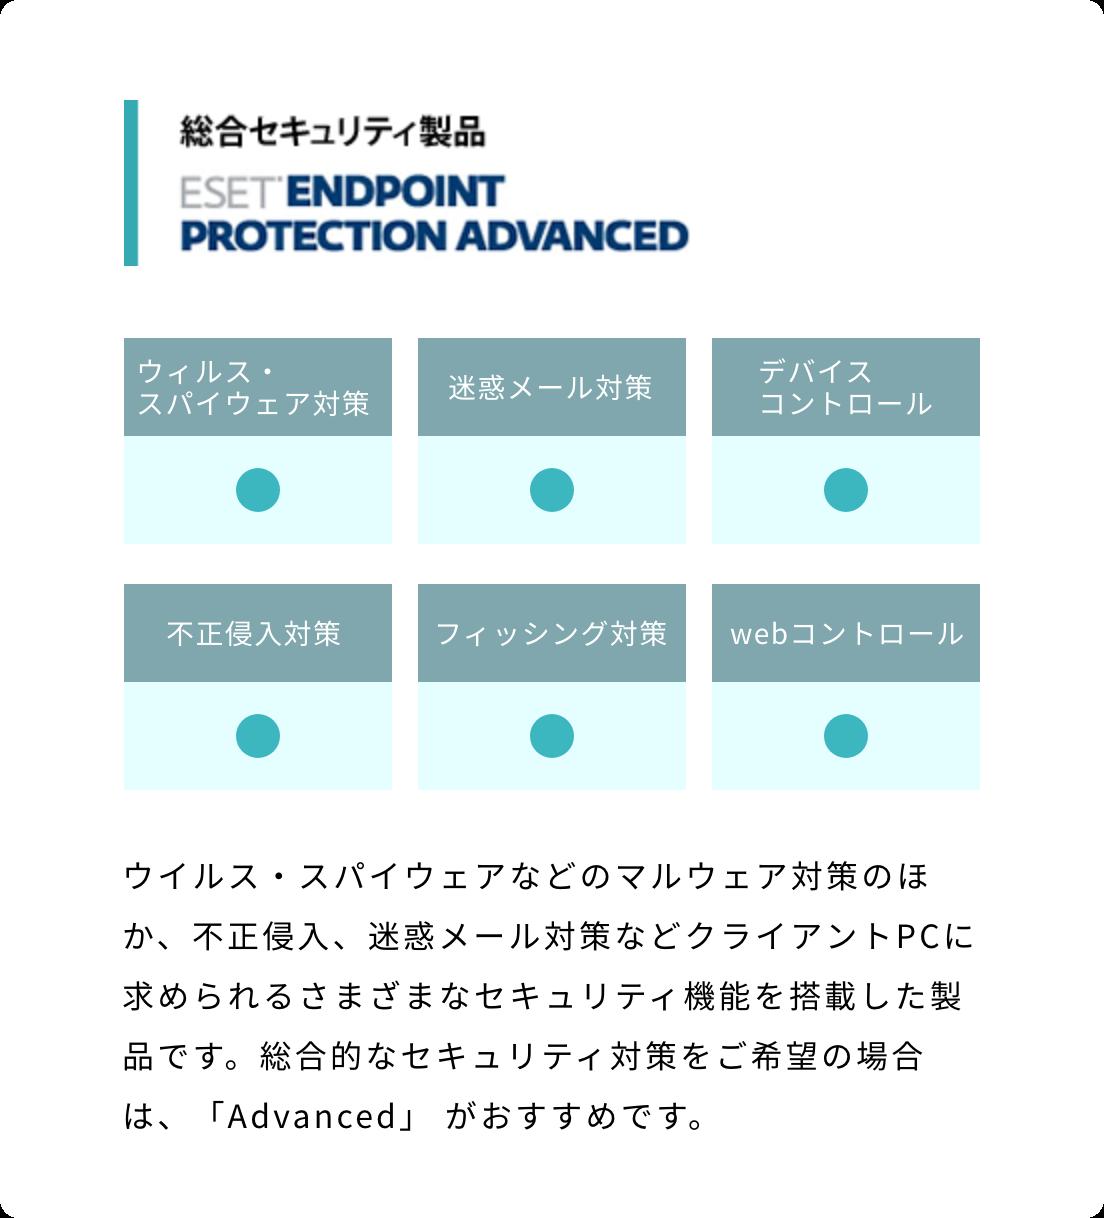 総合セキュリティ製品